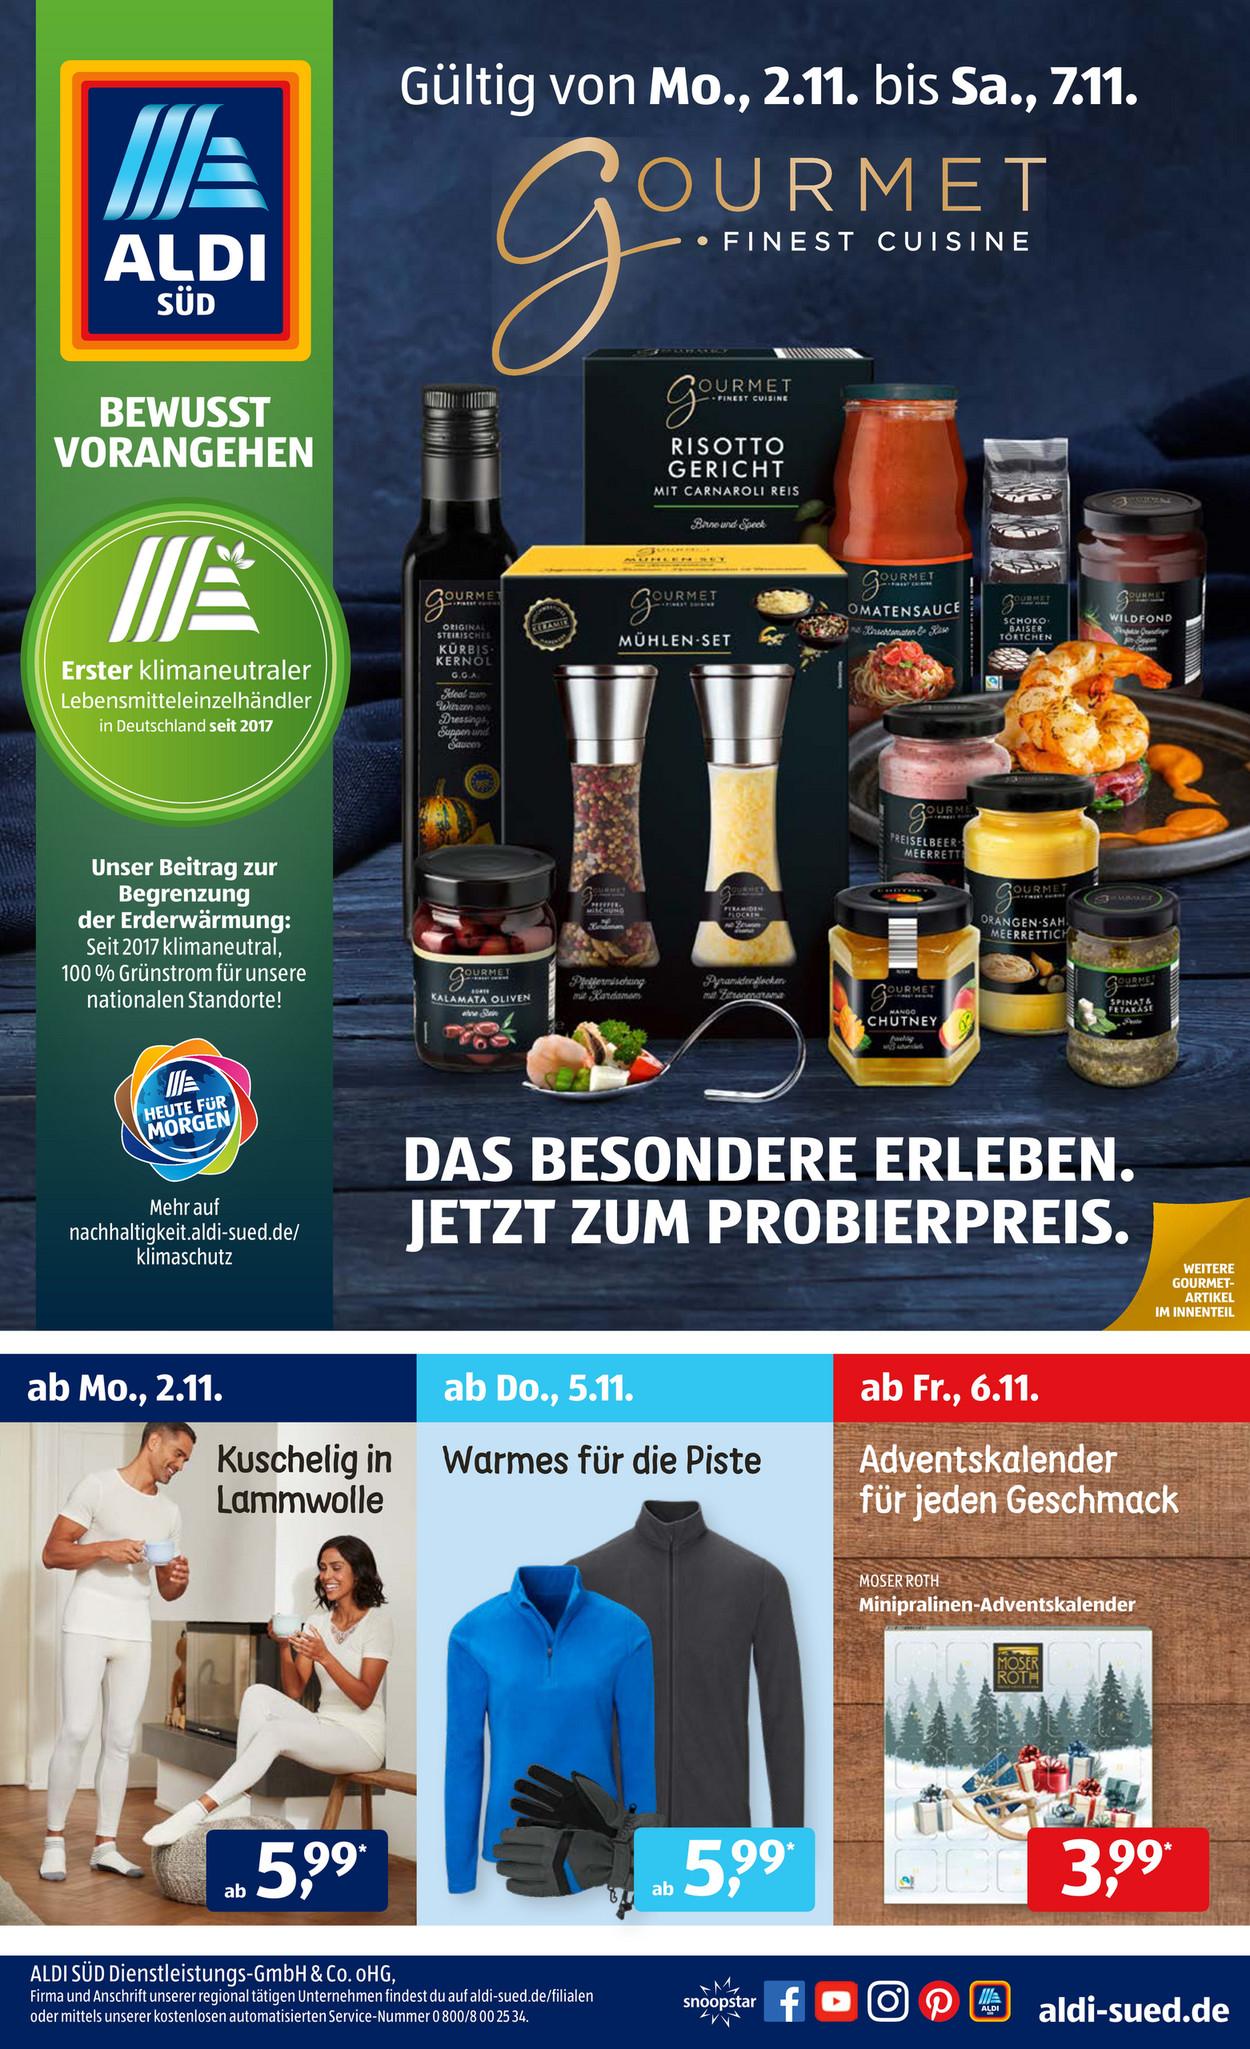 Aldi Süd 06.11.2020 - Pick Salami Spezialitäten verschiedene Sorten im Angebot